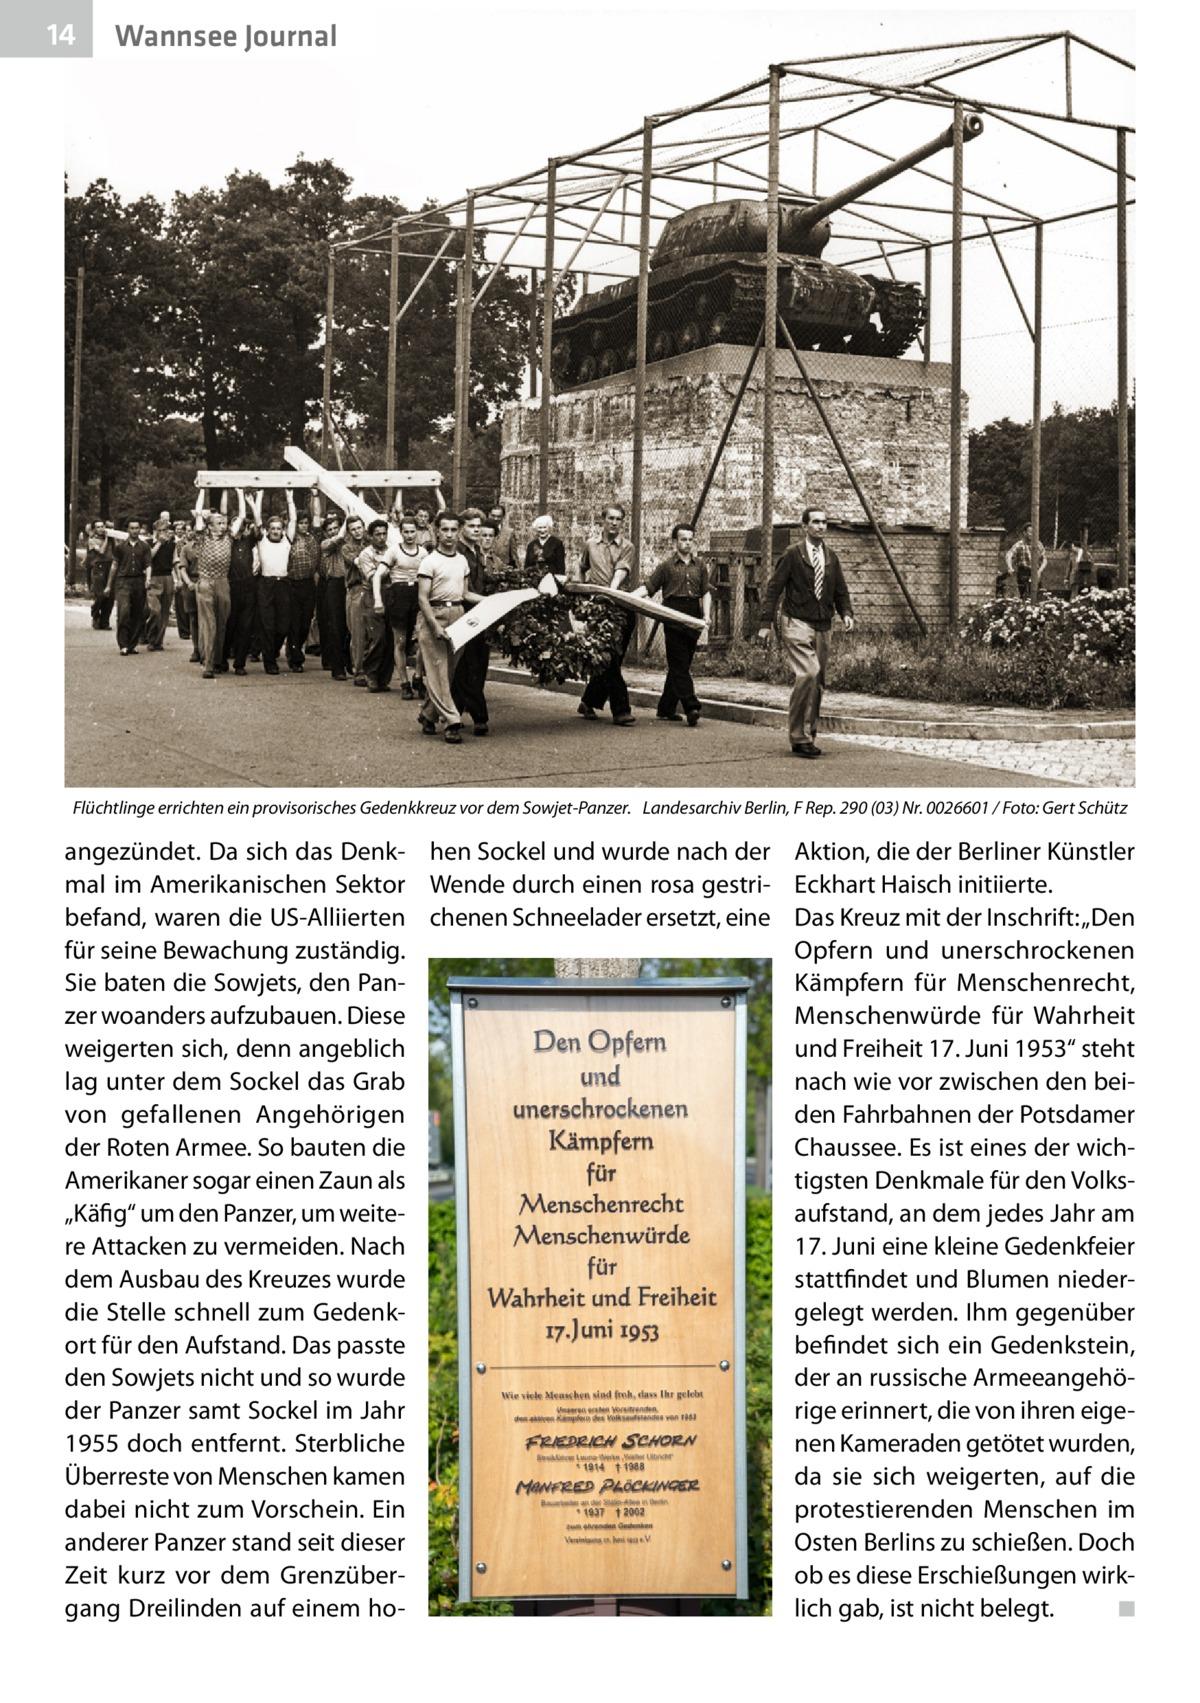 """14  Wannsee Journal  Flüchtlinge errichten ein provisorisches Gedenkkreuz vor dem Sowjet-Panzer. � Landesarchiv Berlin, F Rep. 290 (03) Nr. 0026601 / Foto: Gert Schütz  angezündet. Da sich das Denk- hen Sockel und wurde nach der mal im Amerikanischen Sektor Wende durch einen rosa gestribefand, waren die US-Alliierten chenen Schneelader ersetzt, eine für seine Bewachung zuständig. Sie baten die Sowjets, den Panzer woanders aufzubauen. Diese weigerten sich, denn angeblich lag unter dem Sockel das Grab von gefallenen Angehörigen der Roten Armee. So bauten die Amerikaner sogar einen Zaun als """"Käfig"""" um den Panzer, um weitere Attacken zu vermeiden. Nach dem Ausbau des Kreuzes wurde die Stelle schnell zum Gedenkort für den Aufstand. Das passte den Sowjets nicht und so wurde der Panzer samt Sockel im Jahr 1955 doch entfernt. Sterbliche Überreste von Menschen kamen dabei nicht zum Vorschein. Ein anderer Panzer stand seit dieser Zeit kurz vor dem Grenzübergang Dreilinden auf einem ho Aktion, die der Berliner Künstler Eckhart Haisch initiierte. Das Kreuz mit der Inschrift: """"Den Opfern und unerschrockenen Kämpfern für Menschenrecht, Menschenwürde für Wahrheit und Freiheit 17.Juni 1953"""" steht nach wie vor zwischen den beiden Fahrbahnen der Potsdamer Chaussee. Es ist eines der wichtigsten Denkmale für den Volksaufstand, an dem jedes Jahr am 17.Juni eine kleine Gedenkfeier stattfindet und Blumen niedergelegt werden. Ihm gegenüber befindet sich ein Gedenkstein, der an russische Armeeangehörige erinnert, die von ihren eigenen Kameraden getötet wurden, da sie sich weigerten, auf die protestierenden Menschen im Osten Berlins zu schießen. Doch ob es diese Erschießungen wirklich gab, ist nicht belegt. � ◾"""